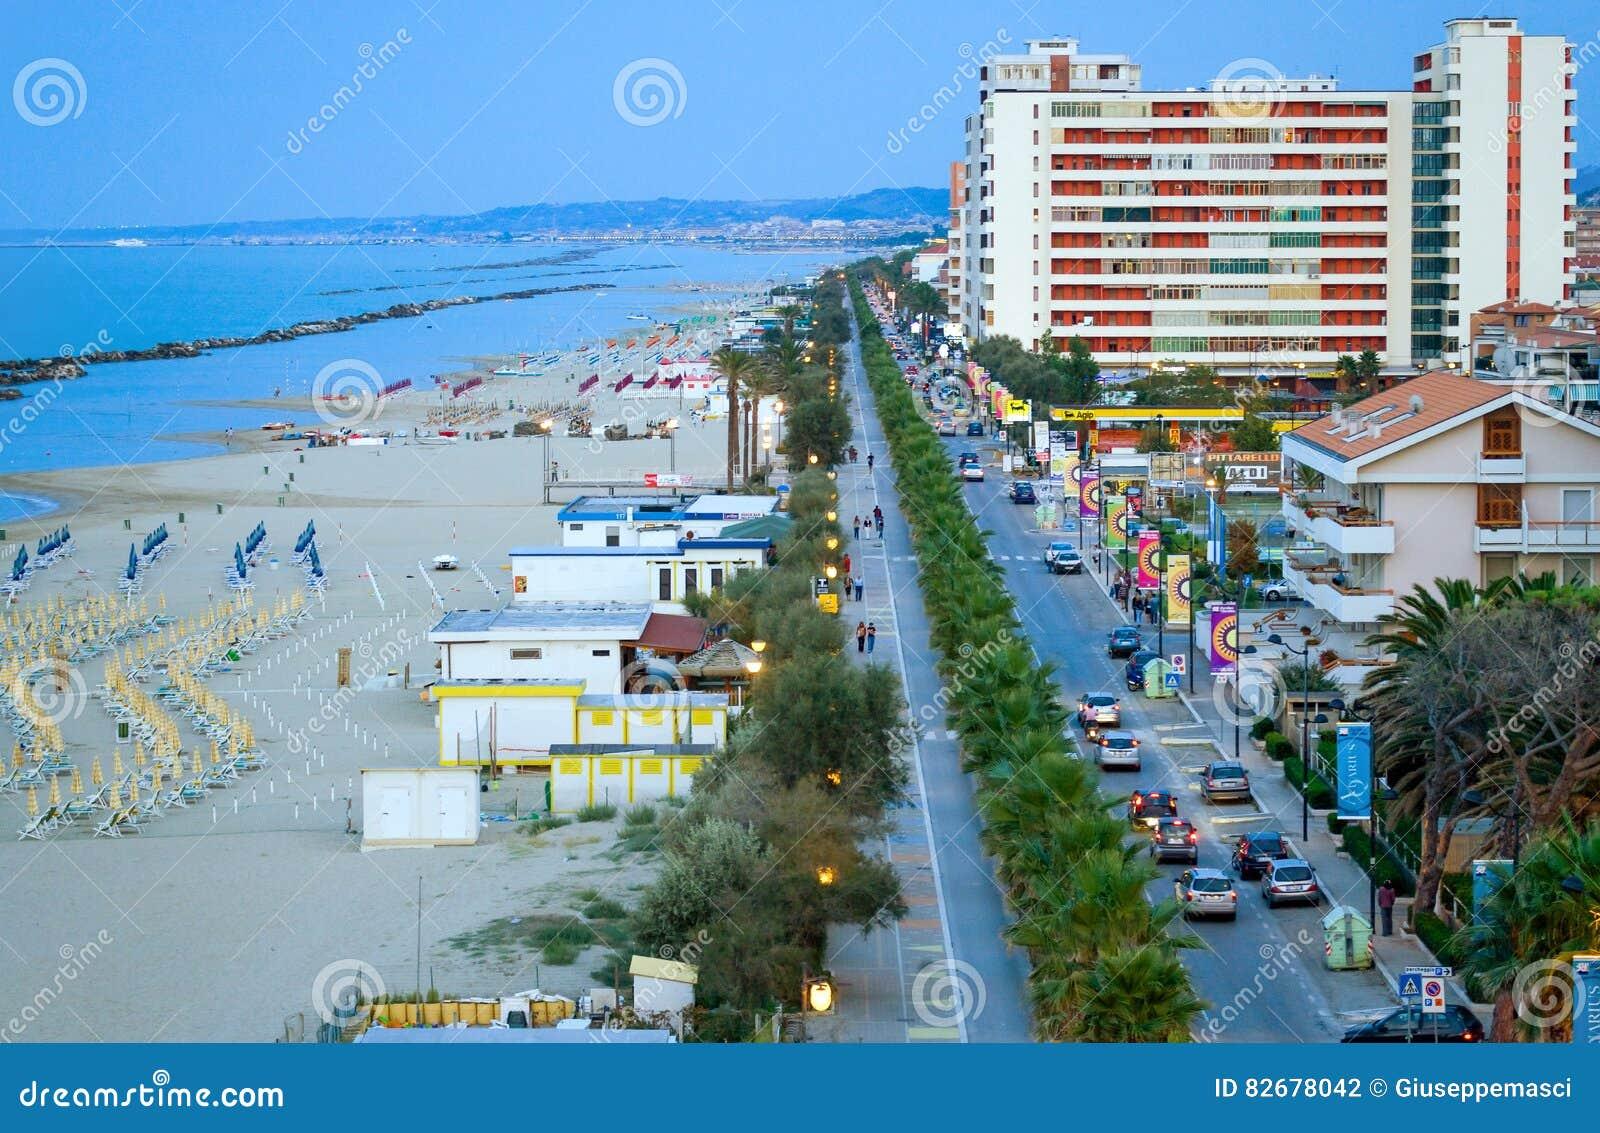 Pescara fotografia editoriale. Immagine di europa, adriatico - 82678042